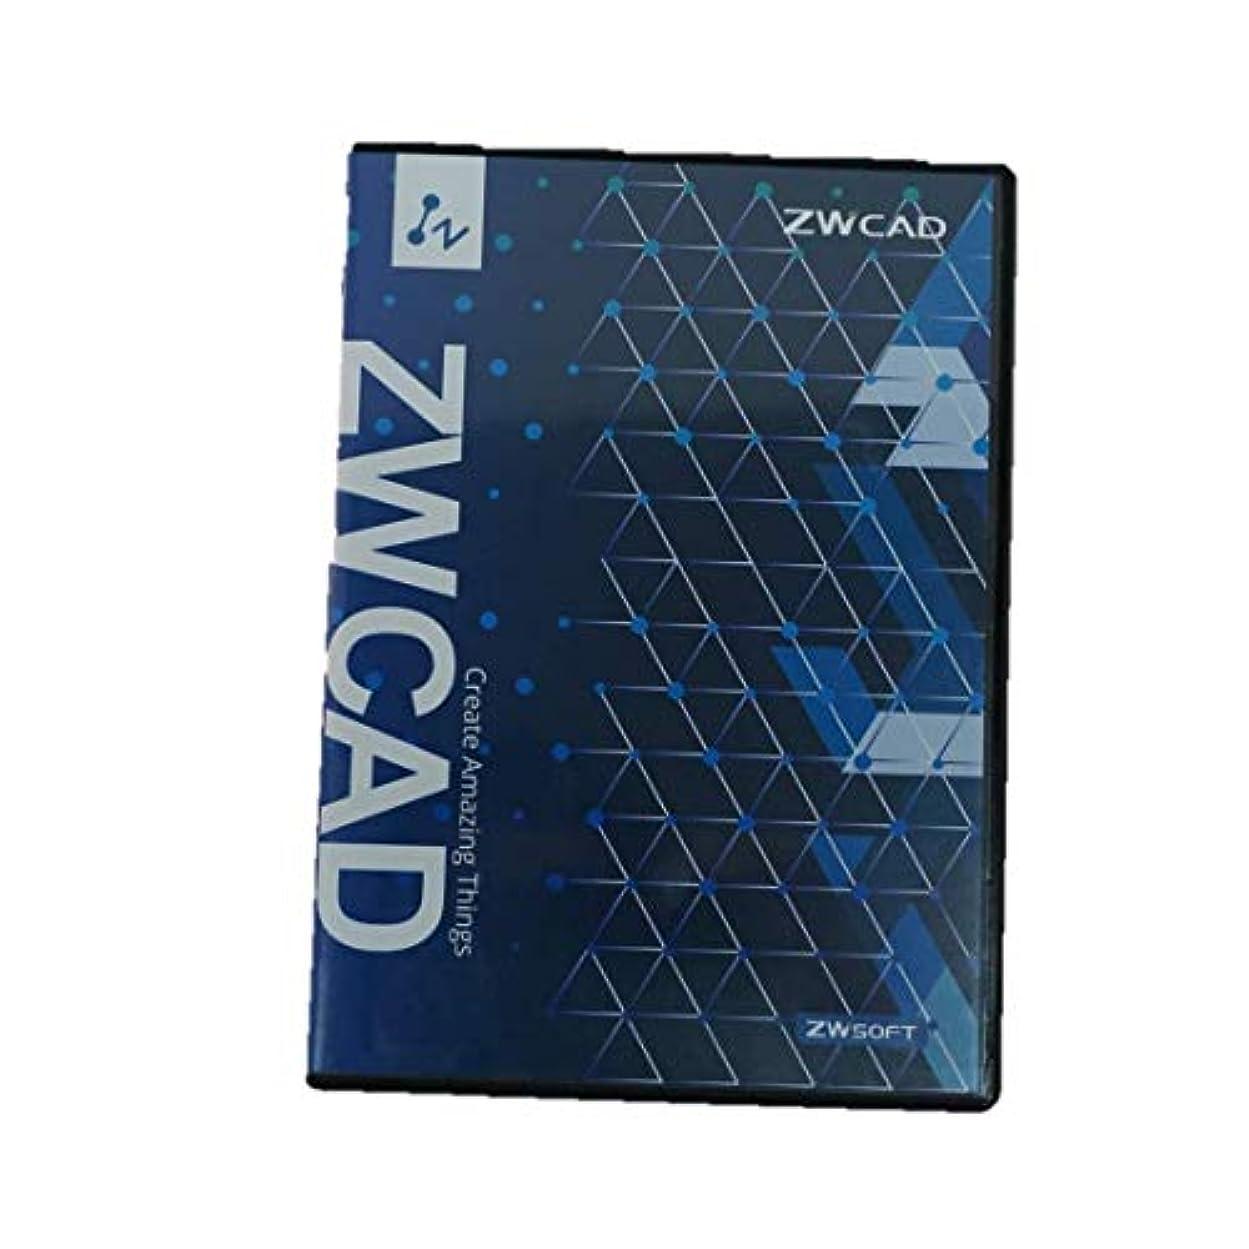 一貫した素晴らしいです休暇ZWCAD2020 Std 2D CAD ソフト DWG/DXF 図面作成ソフト クラシックメニュー リボンメニュー対応